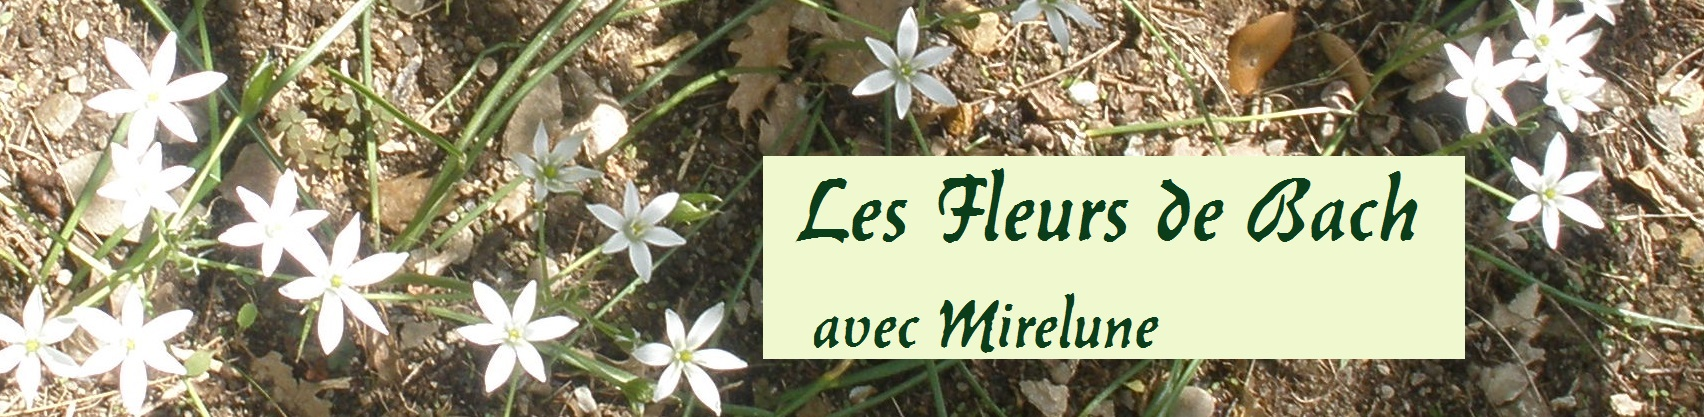 Fleurs de Bach avec Mirelune